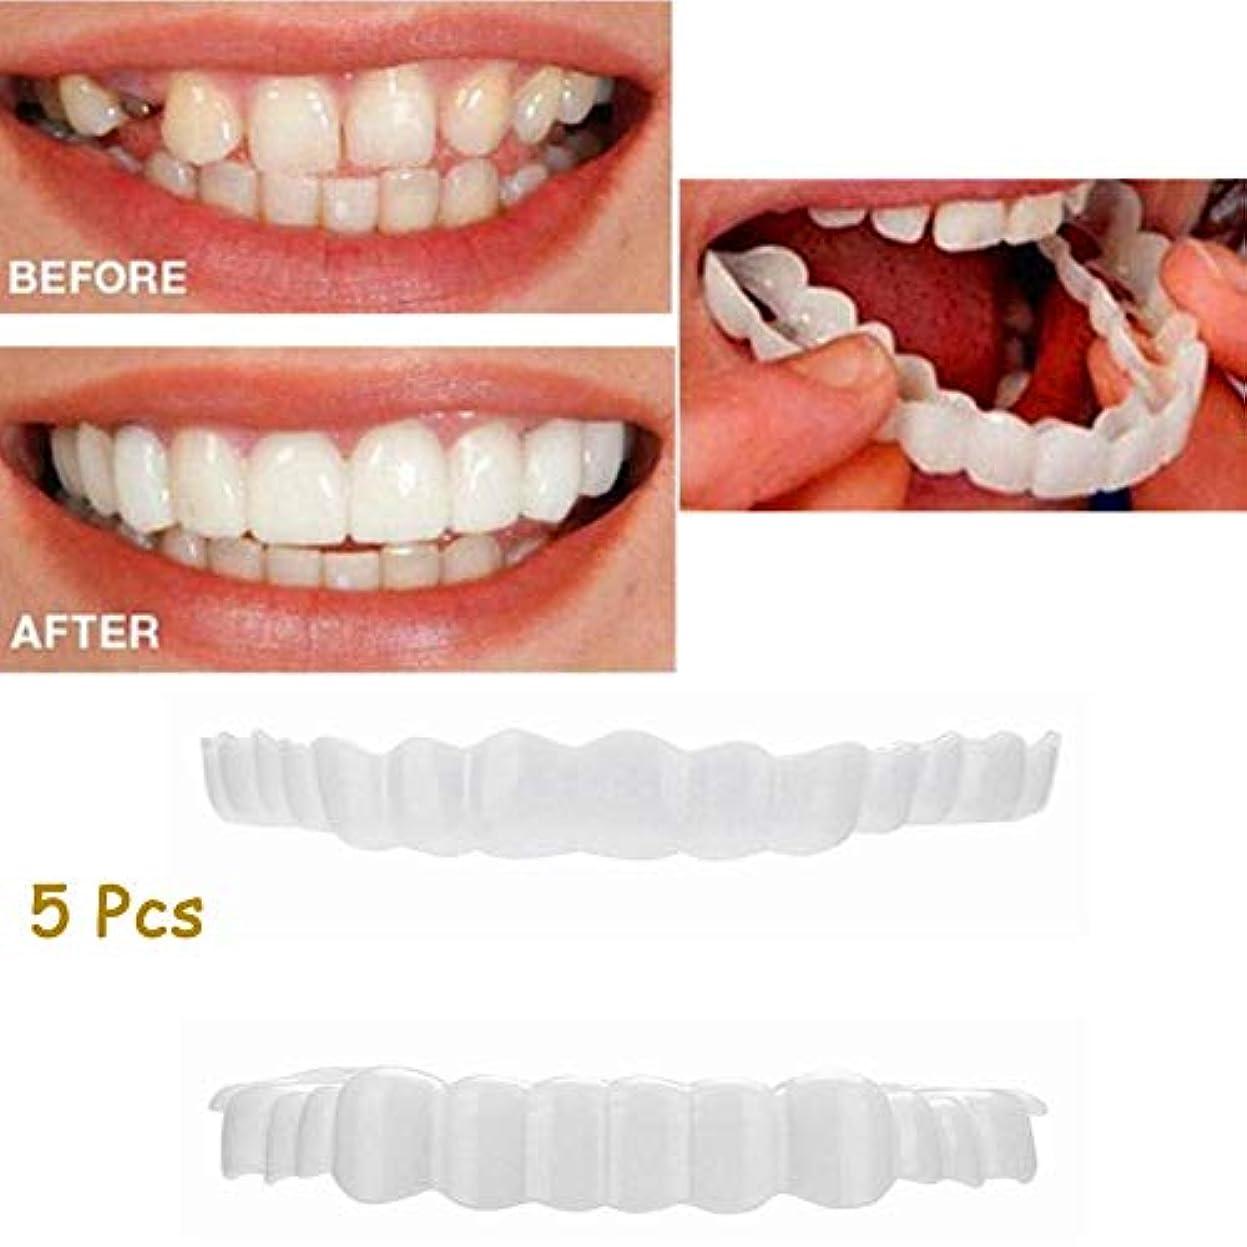 スロープ株式これら5ピース上歯+下歯セットインスタントパーフェクトコンフォートフィットフレックス化粧品歯入れ歯歯ホワイトニングスマイルフェイク歯